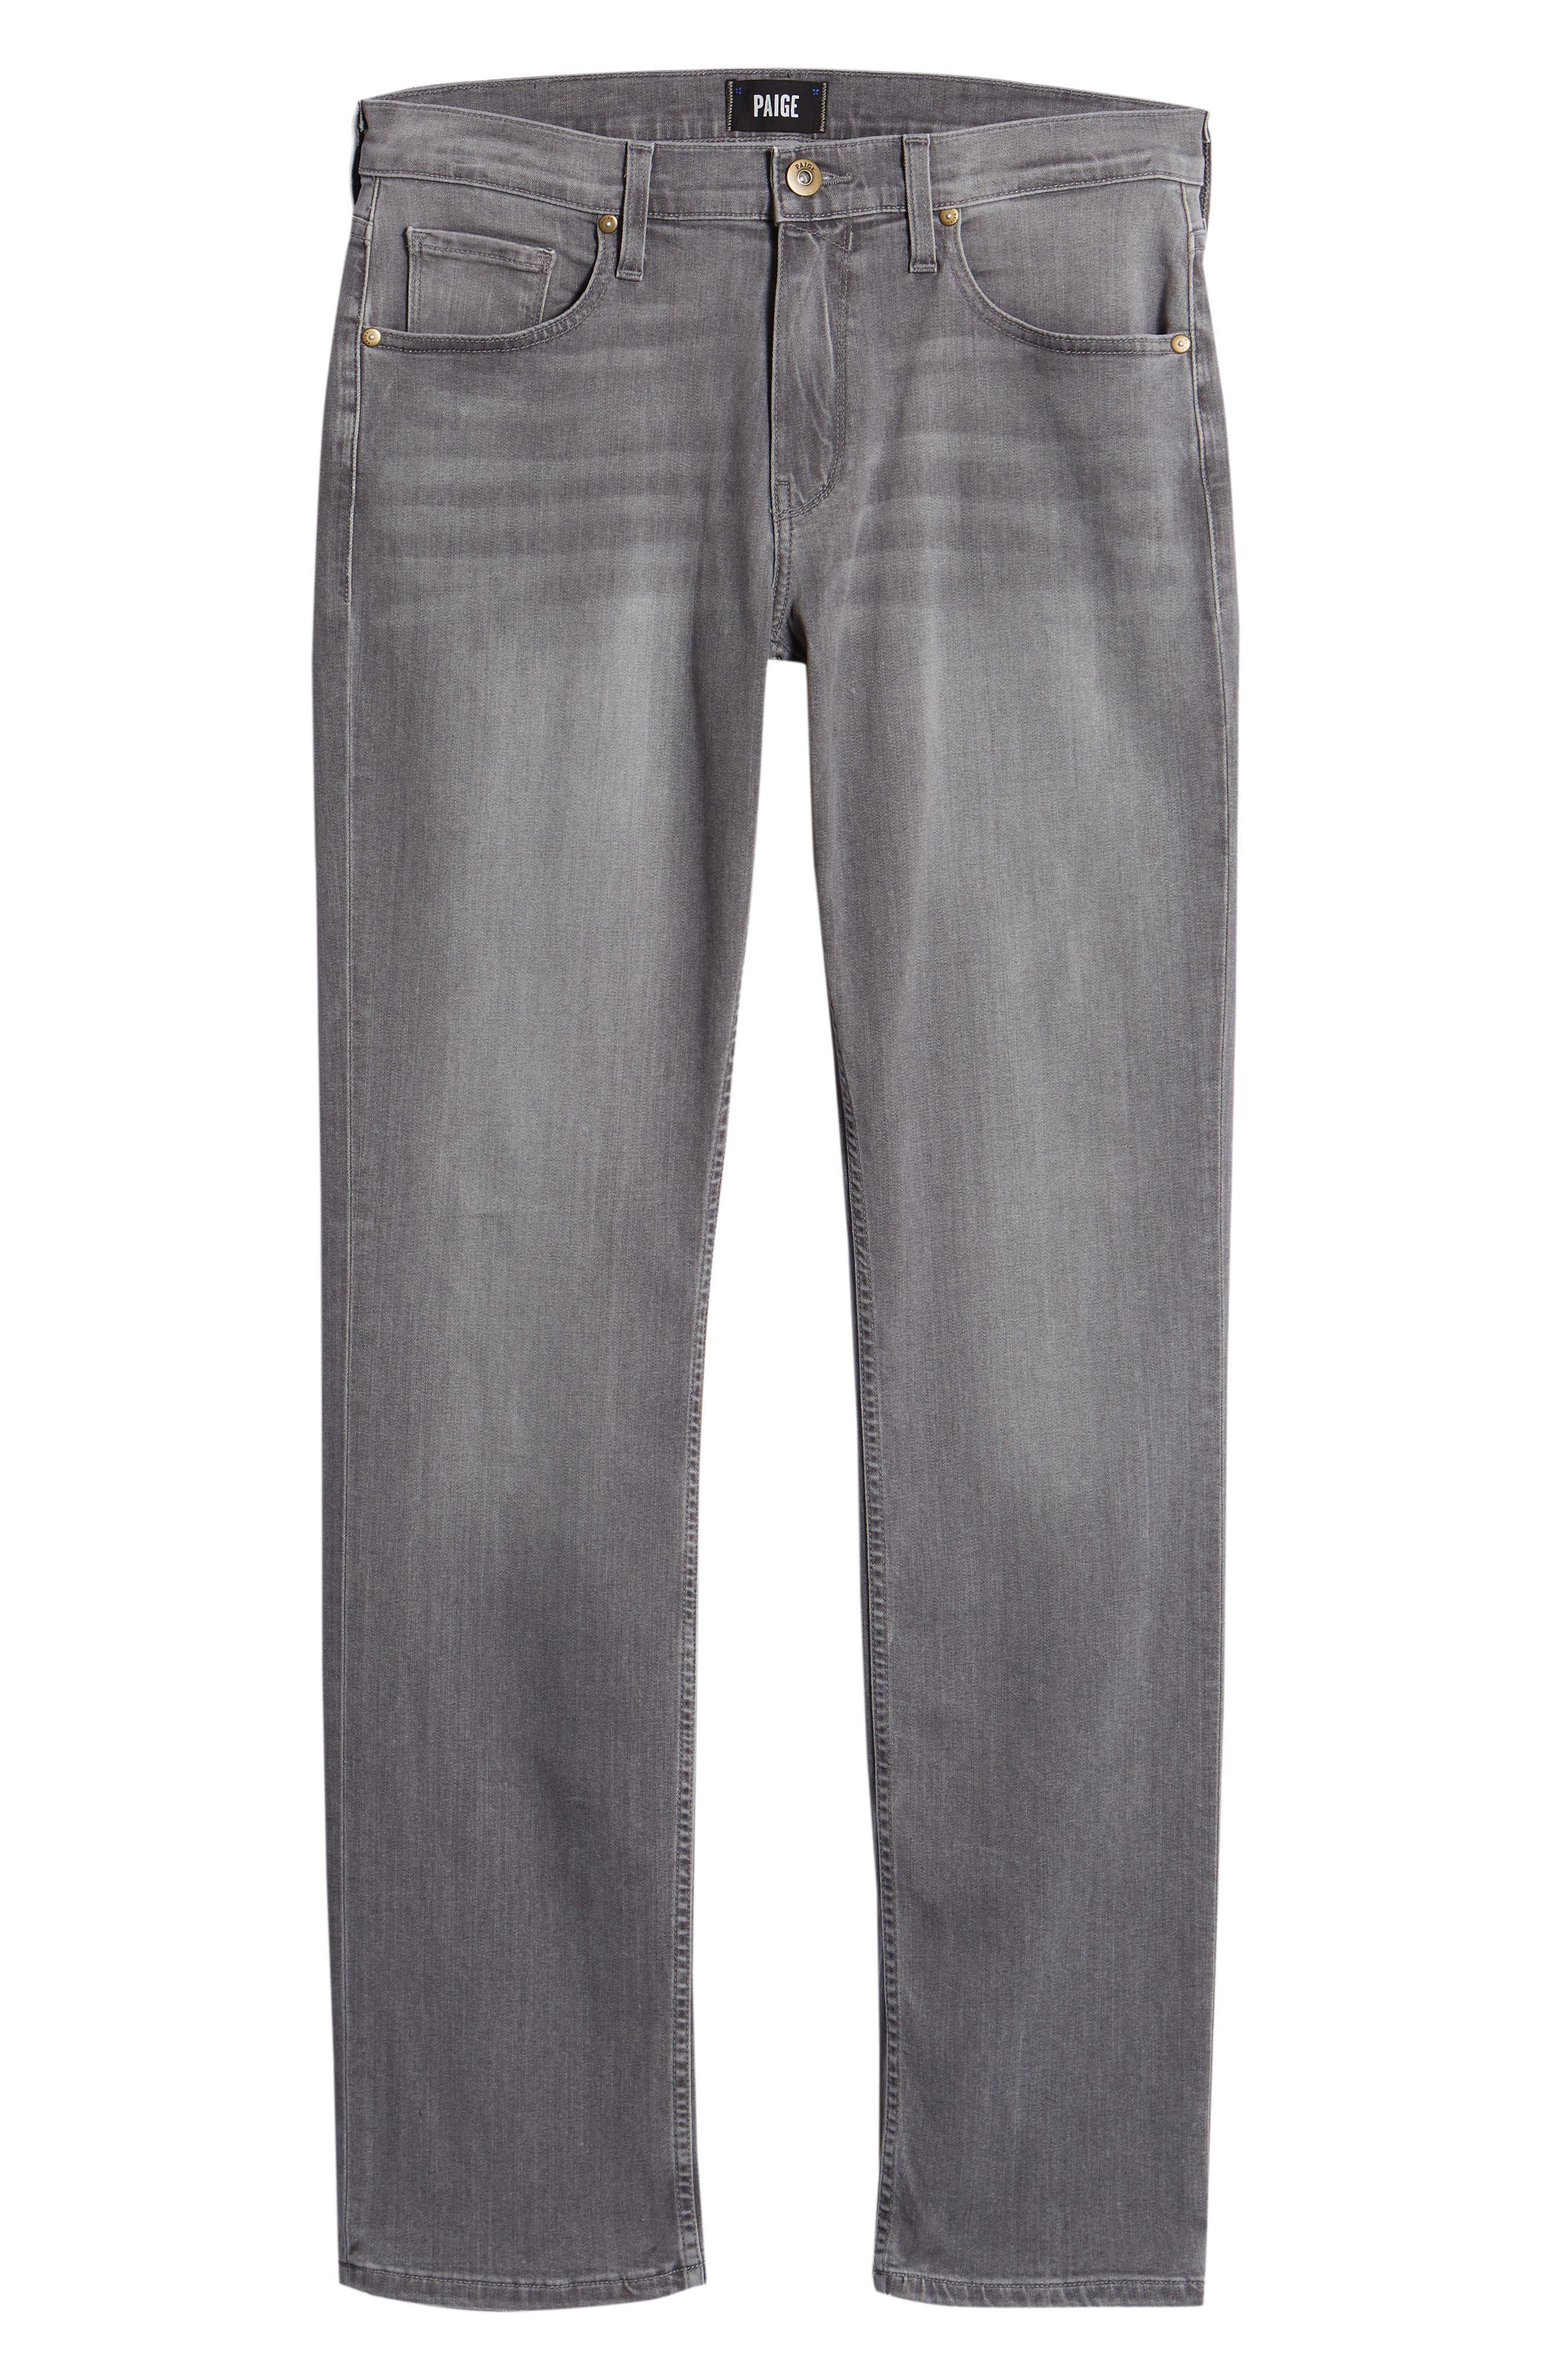 Normandie Straight Leg Jeans,                             Alternate thumbnail 6, color,                             Annex